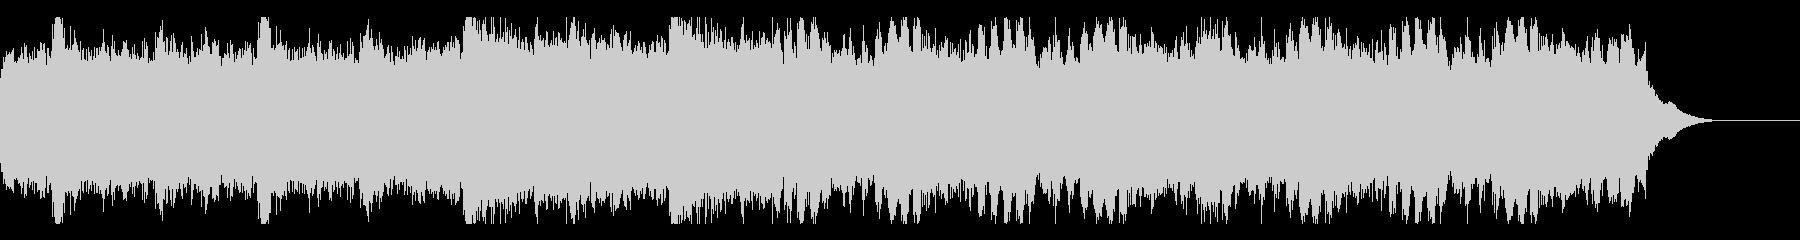 始まりを感じさせるピアノストリングスの未再生の波形